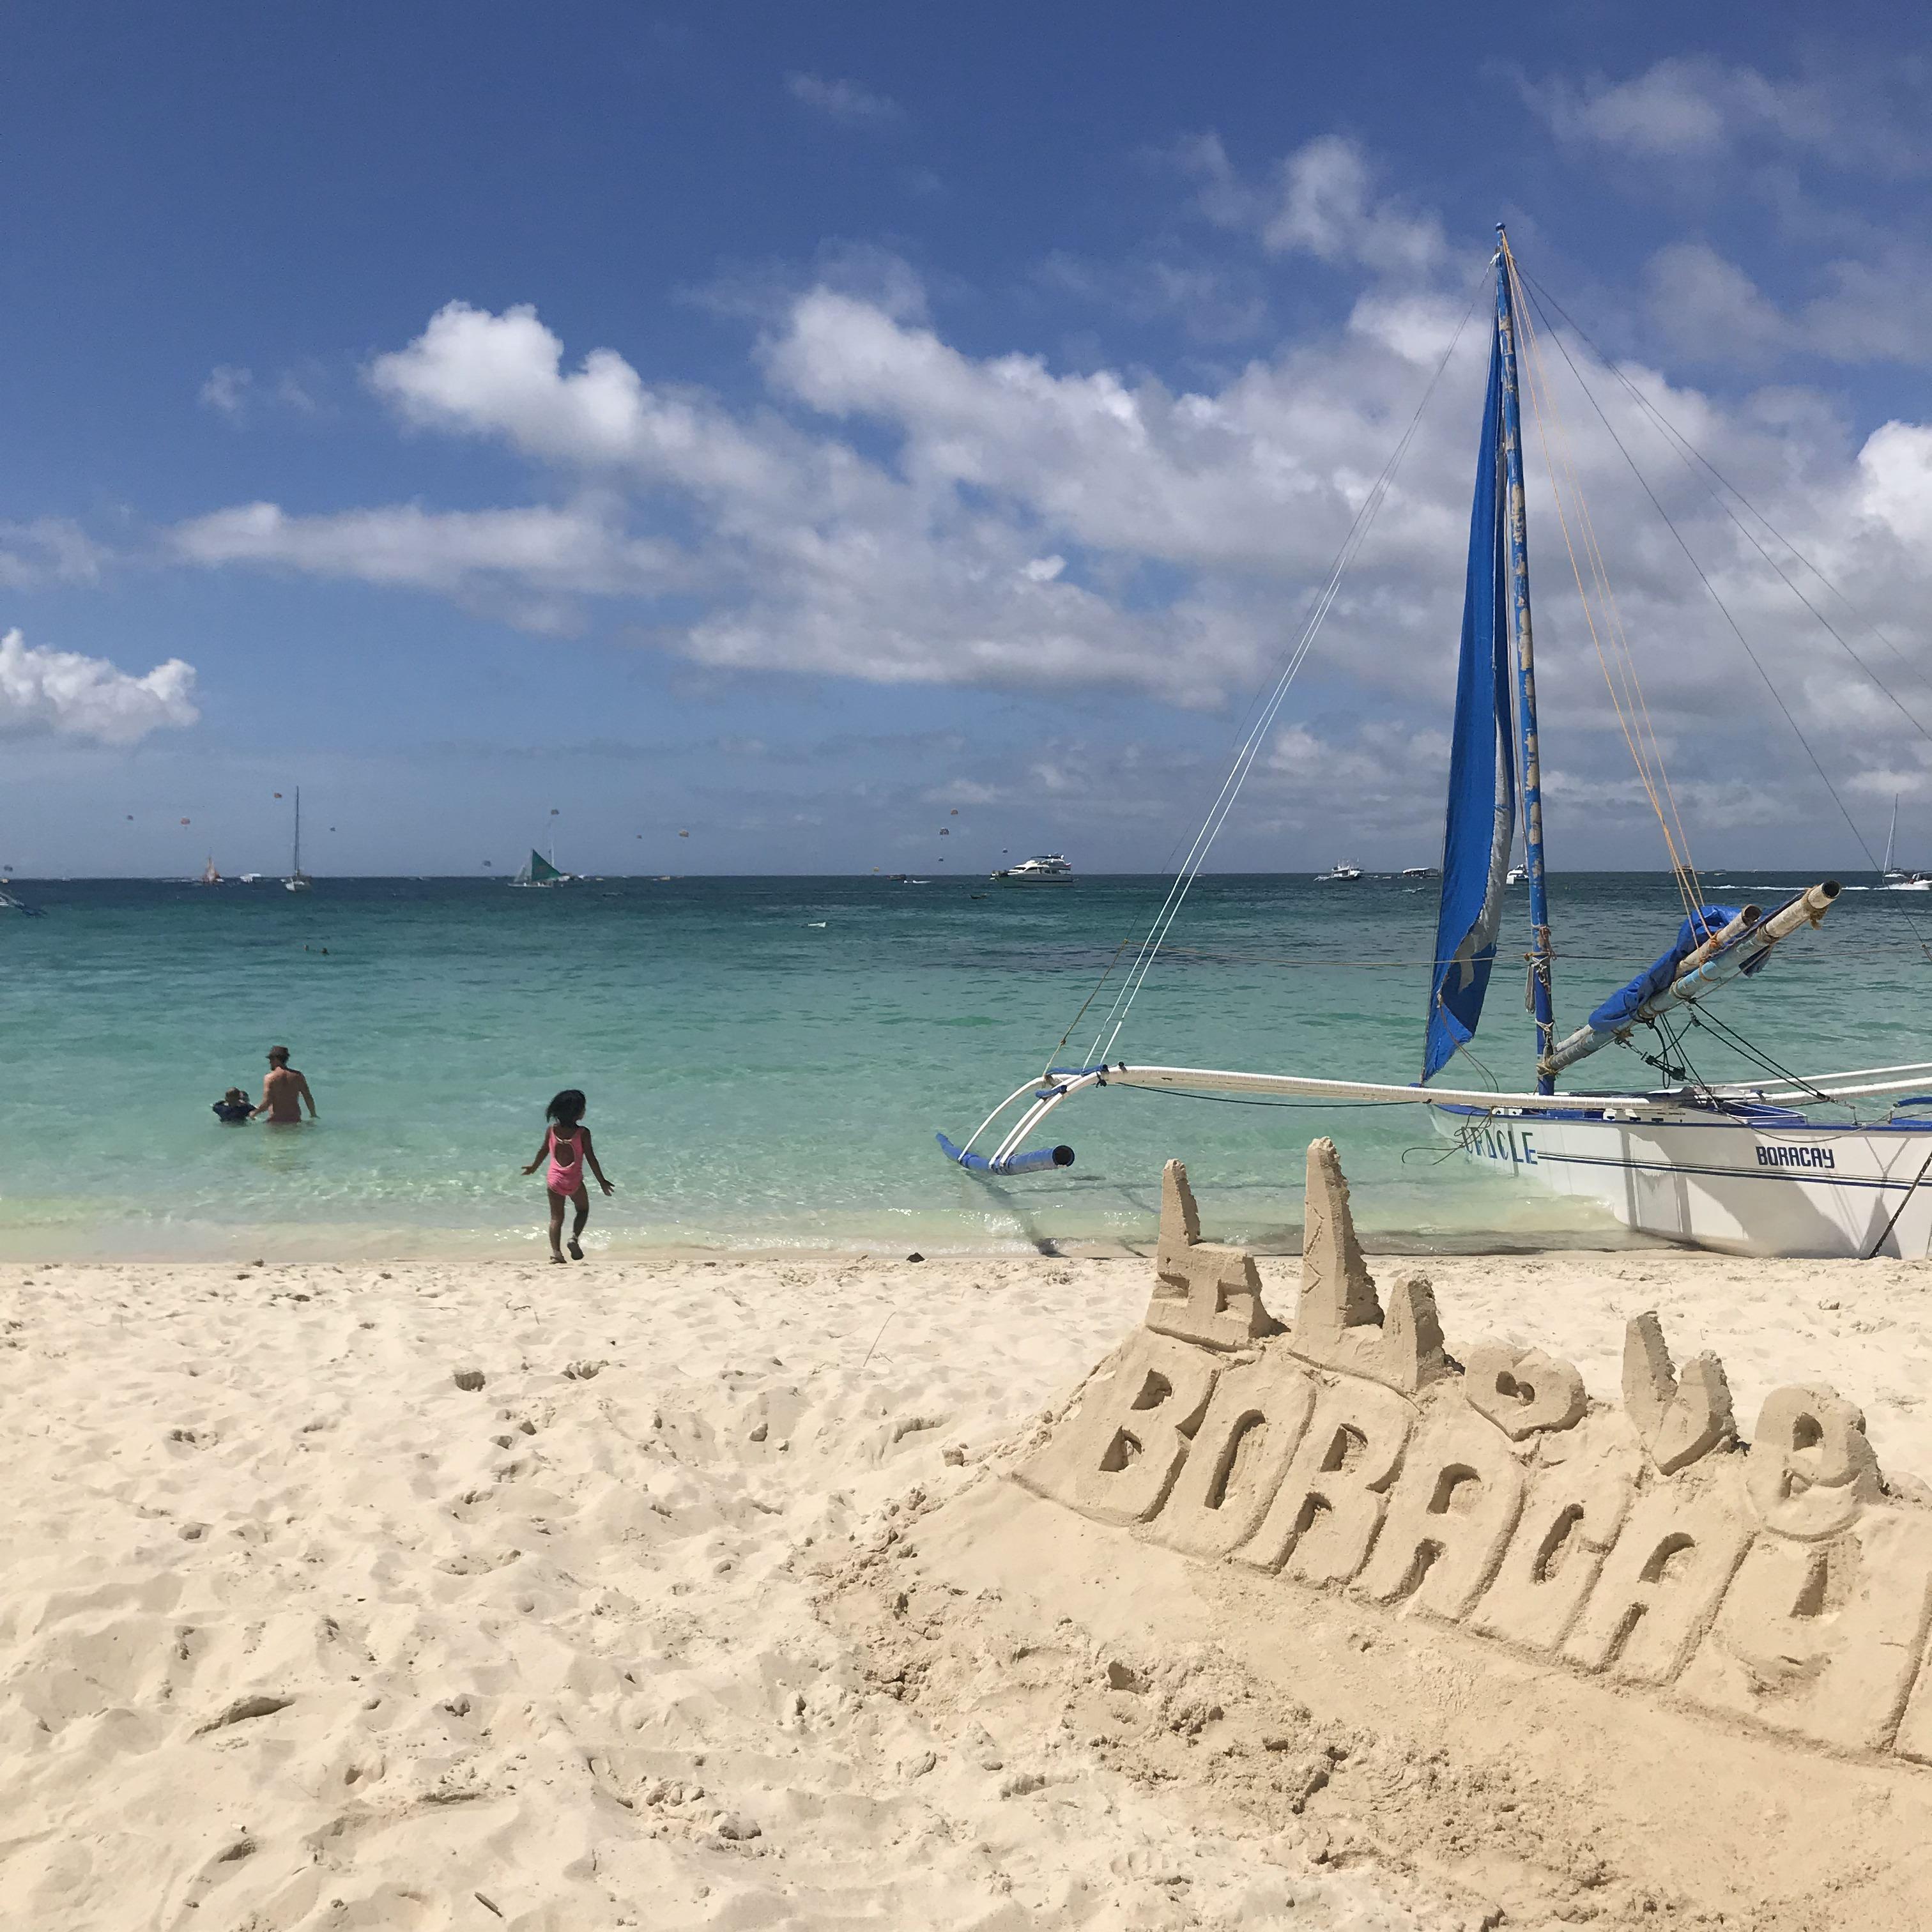 ボラカイ, フィリピン:美しいビーチでのんびり(3泊4日)